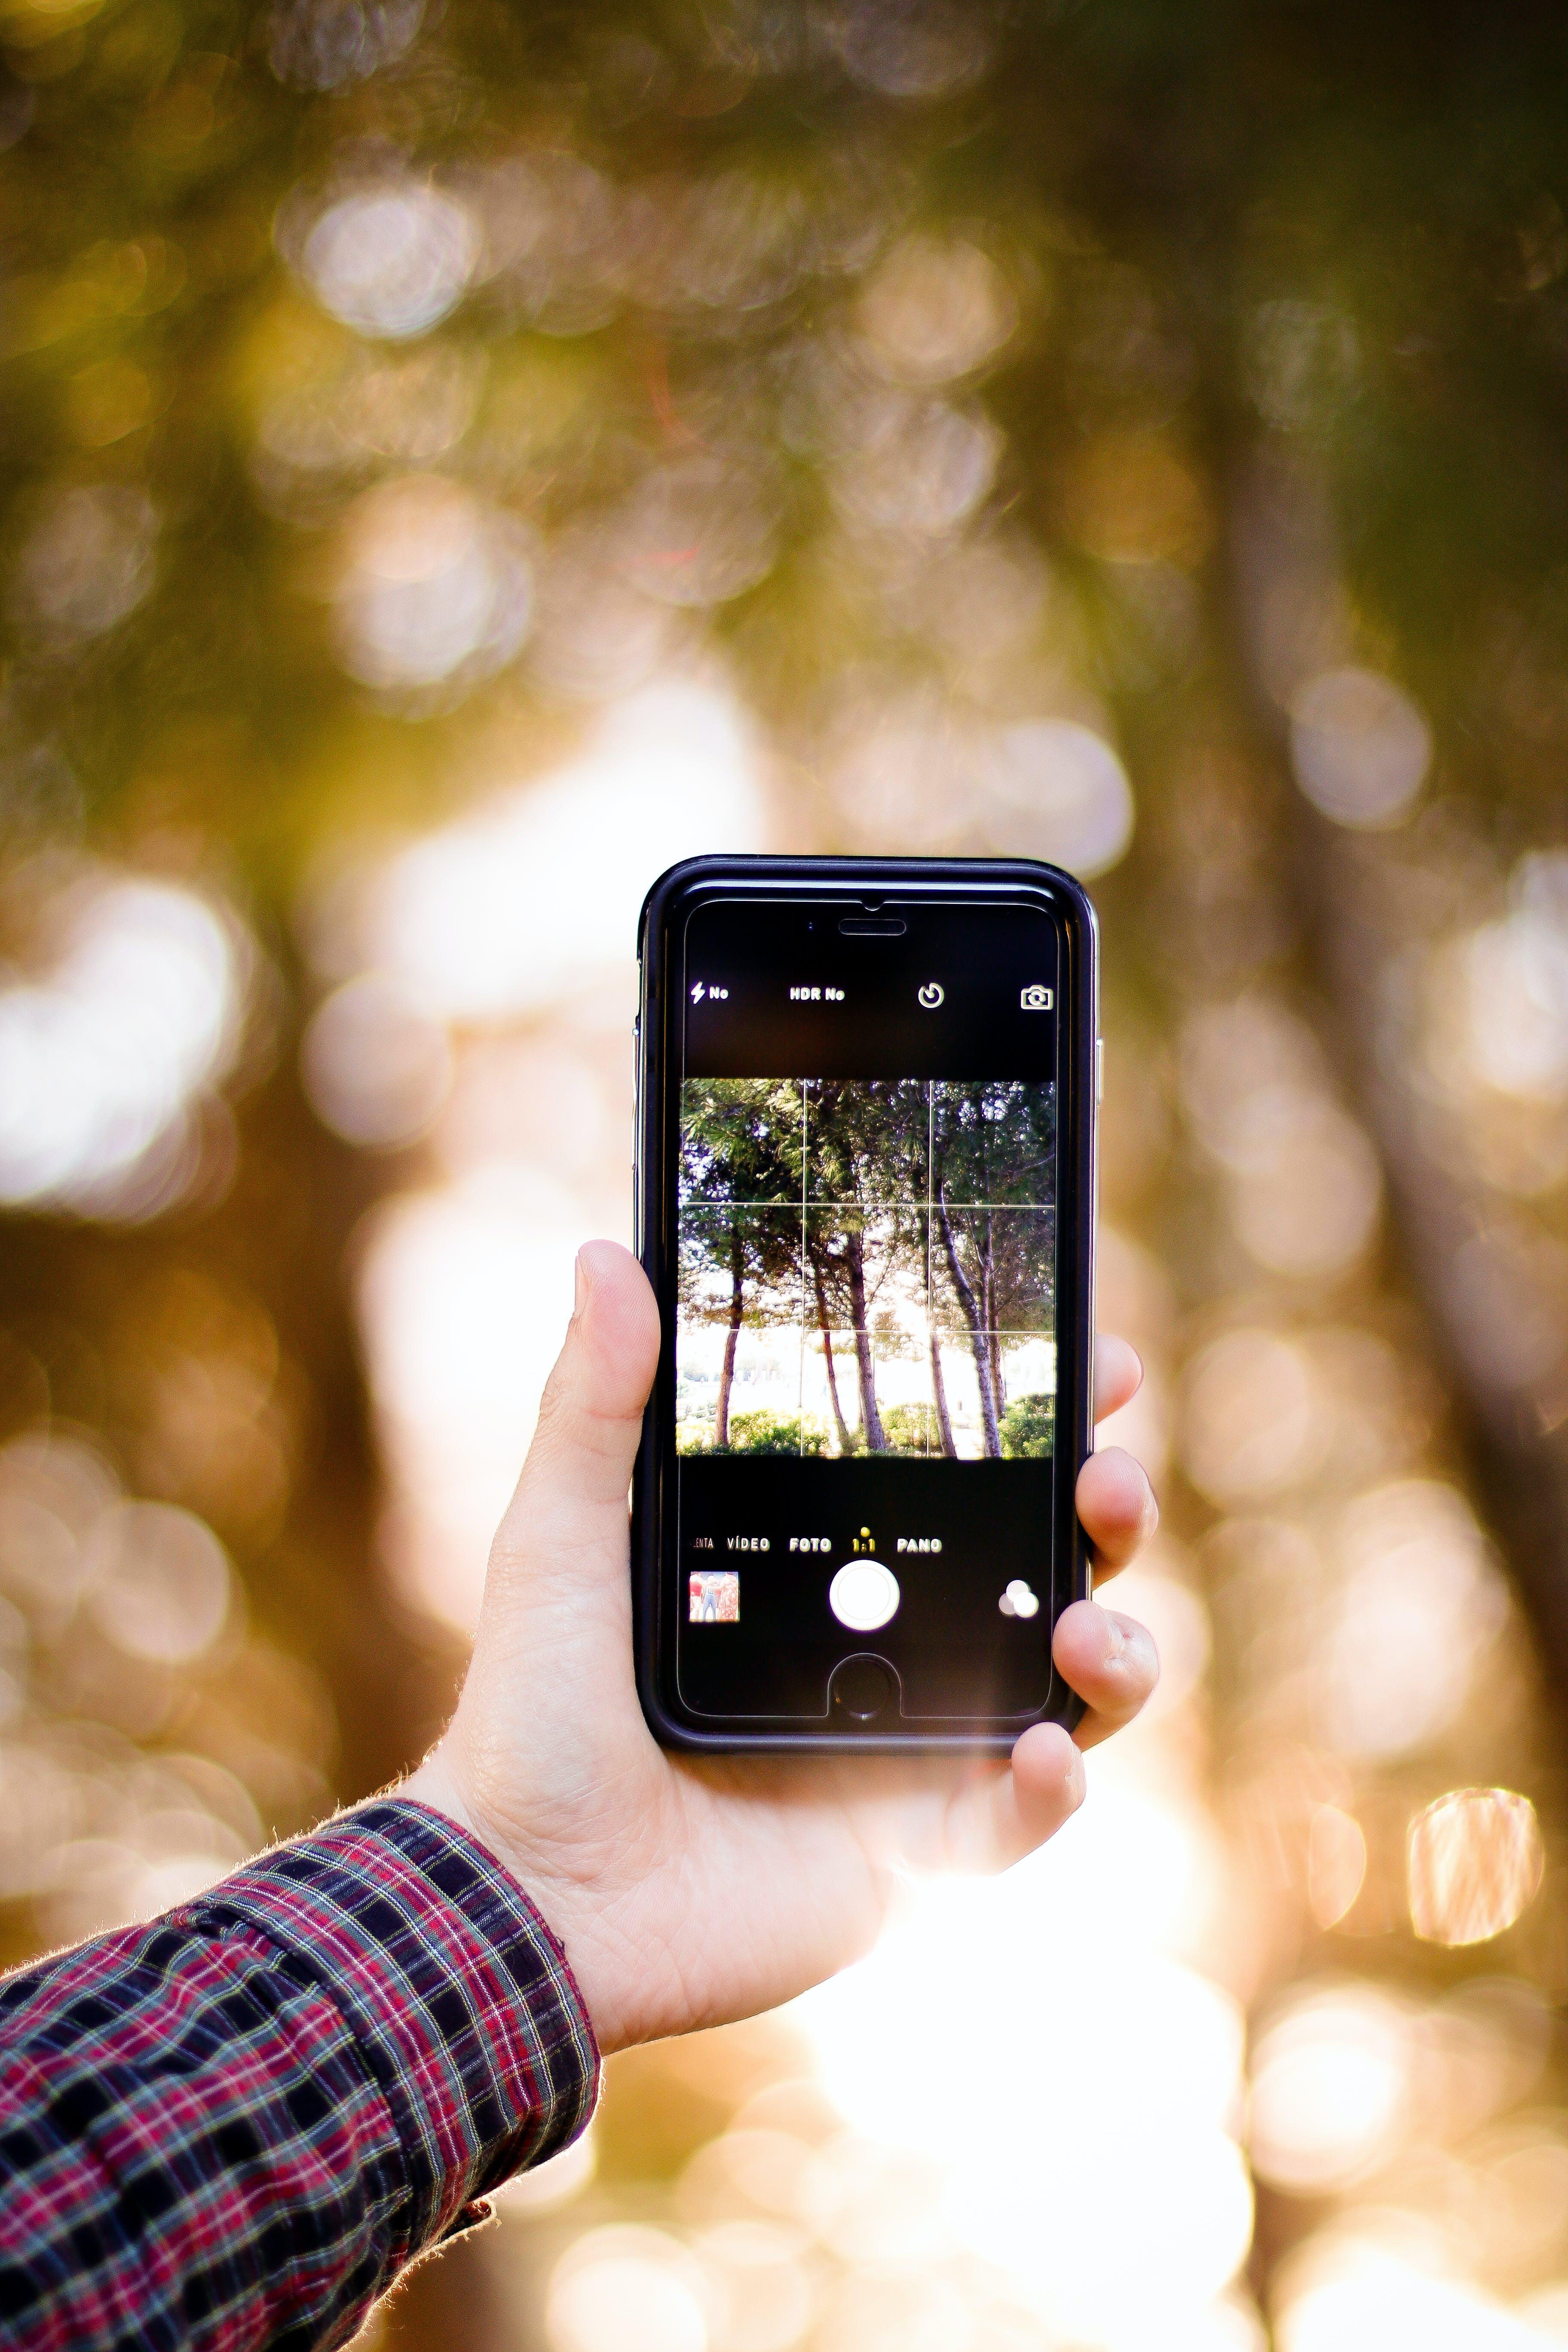 bokeh, camera, digital